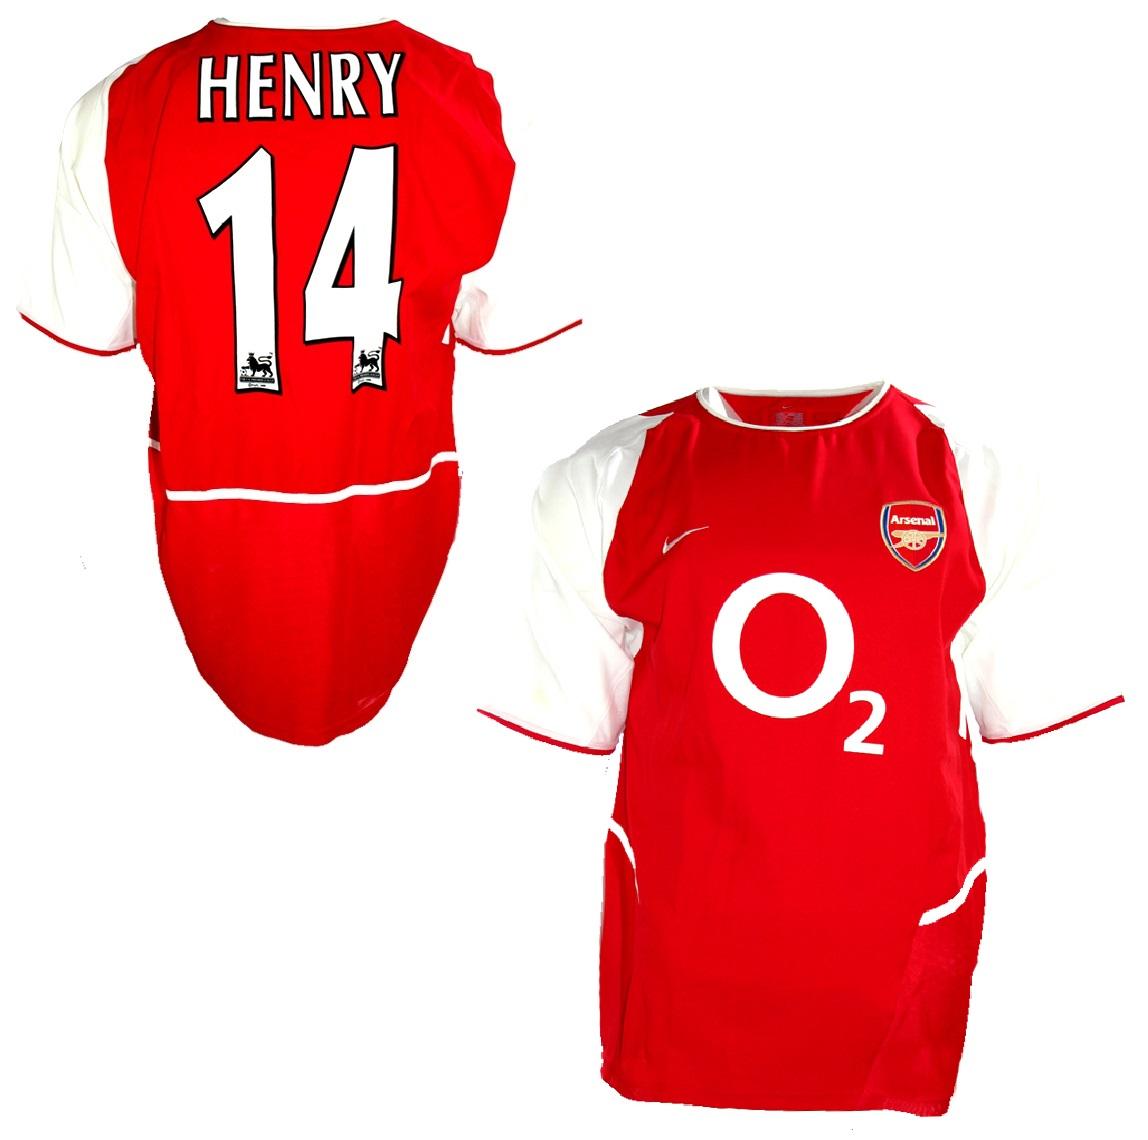 العاشر صدى له henry arsenal jersey